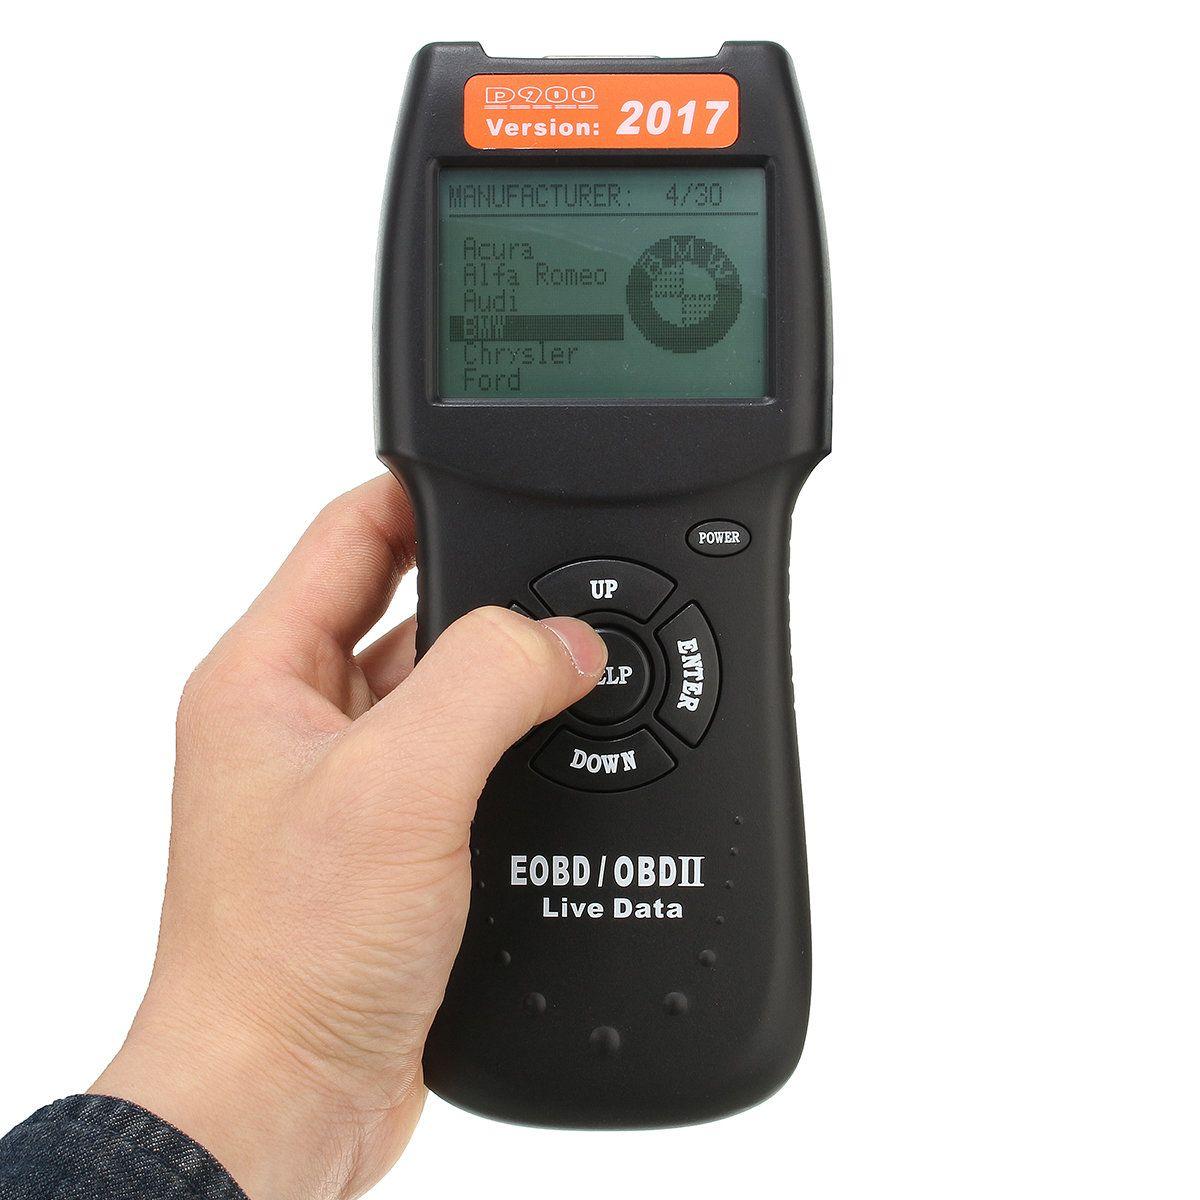 2017 ver car obd2 eobd can fault code reader scanner d900